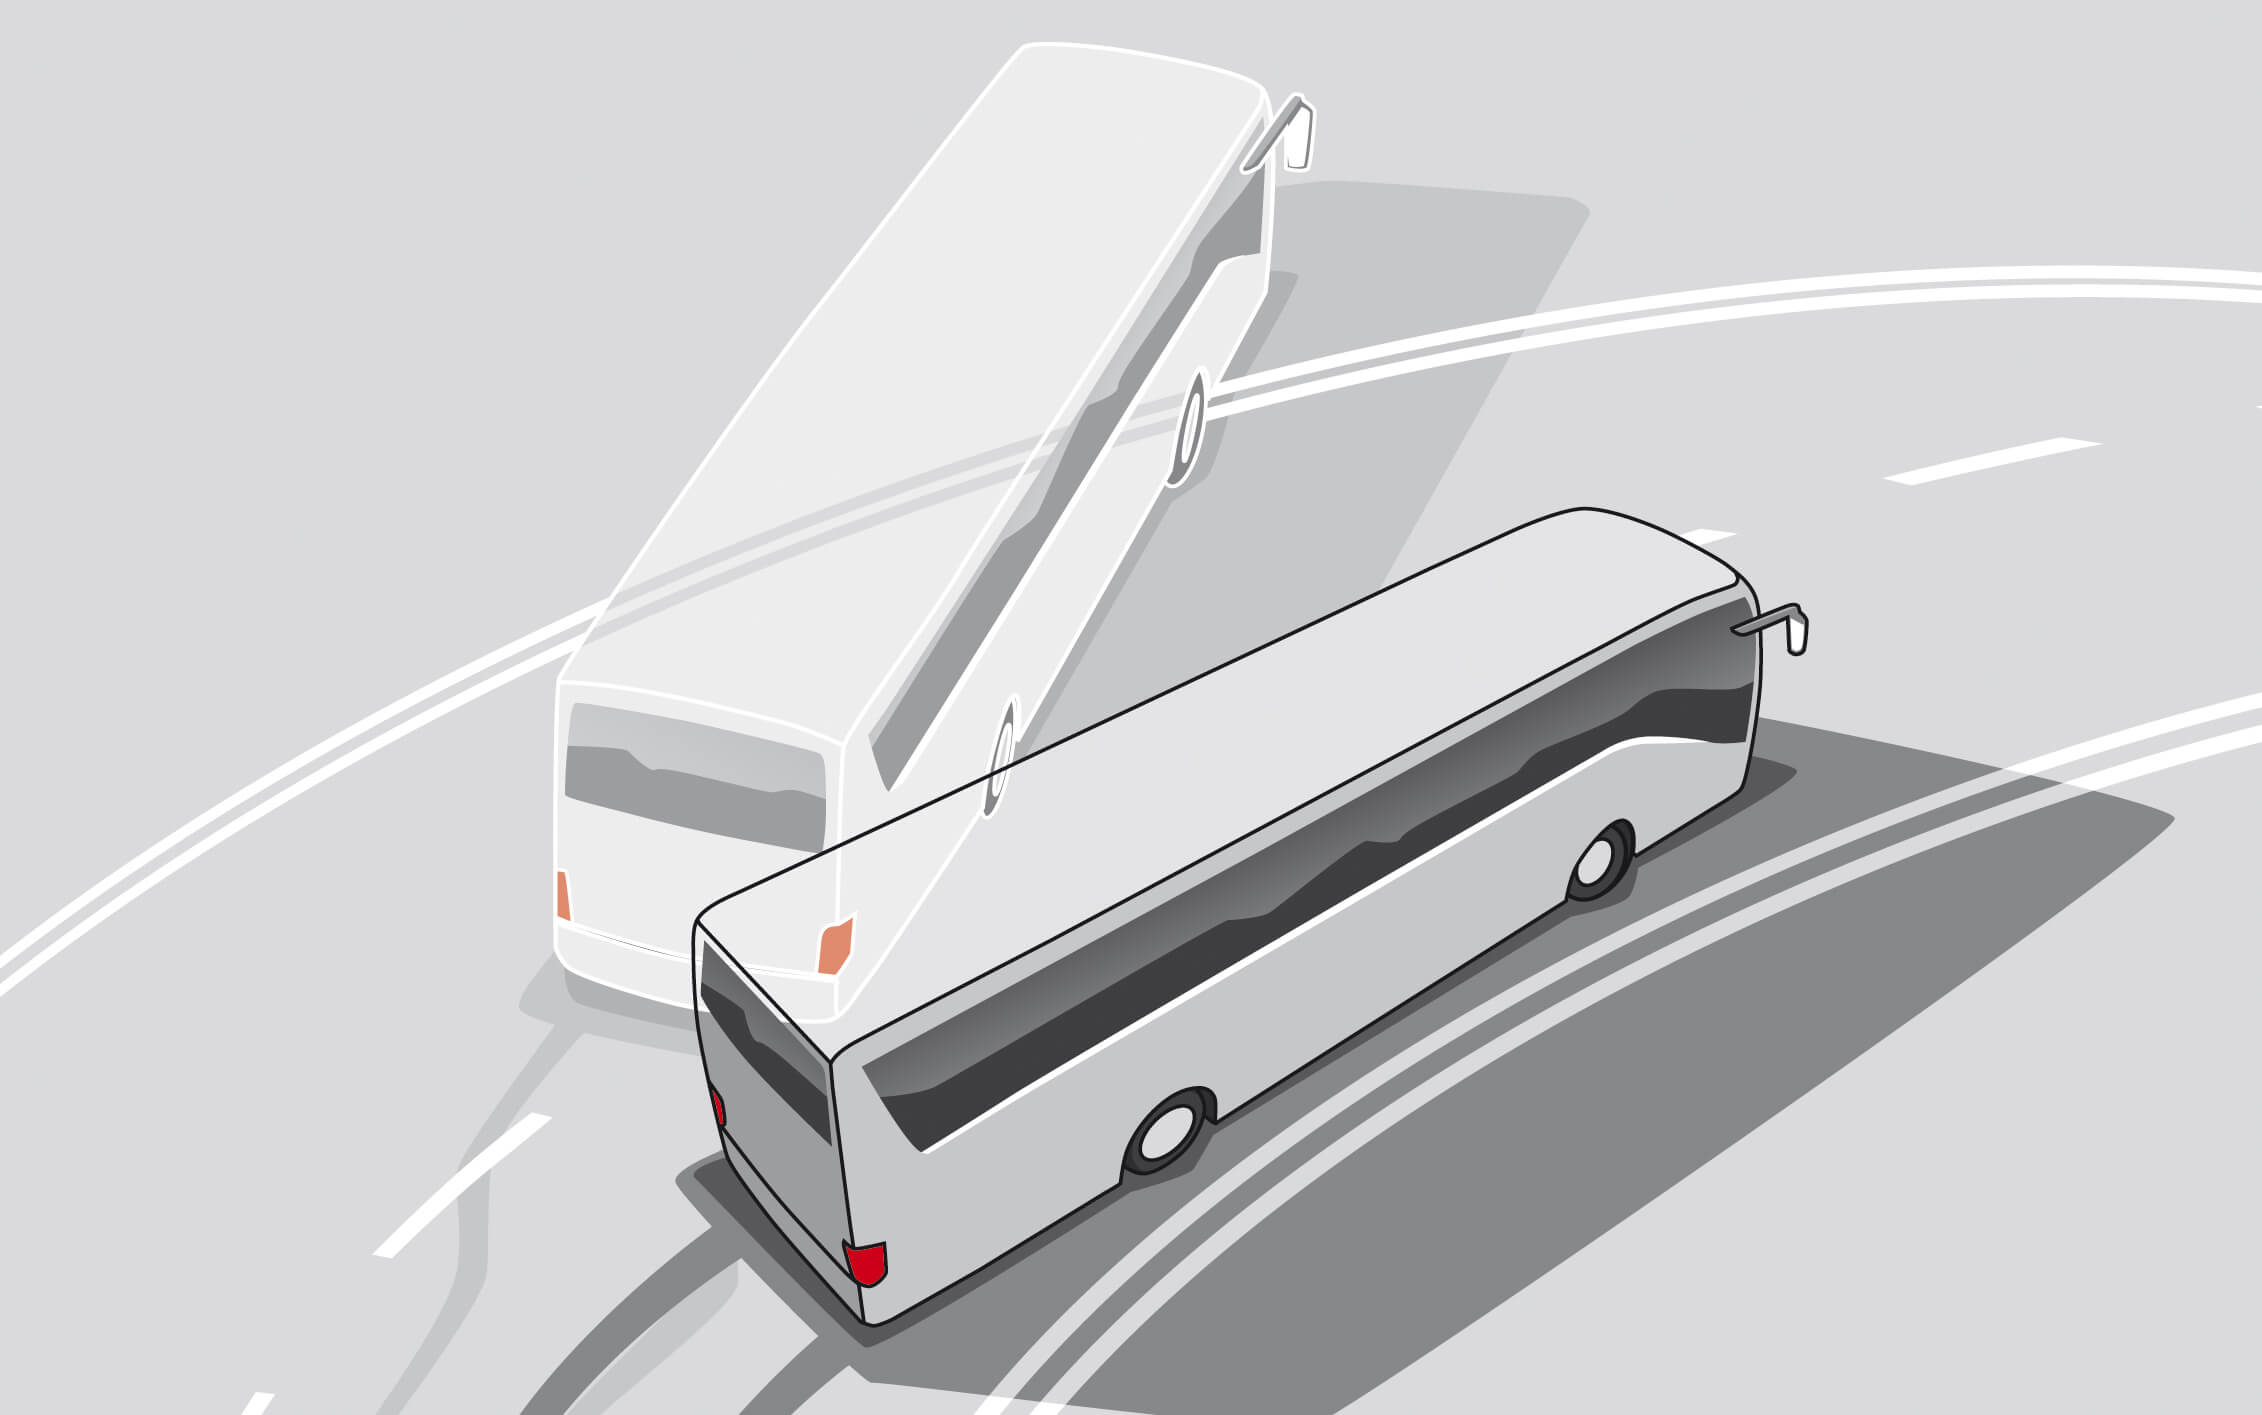 Elektronisches Stabilitätsprogramm - reduziert die Schleudergefahr deutlich, in dem es u.a. durch gezieltes Abbremsen einzelner Räder einem Ausbrechen des Fahrzeugs entgegenwirkt.